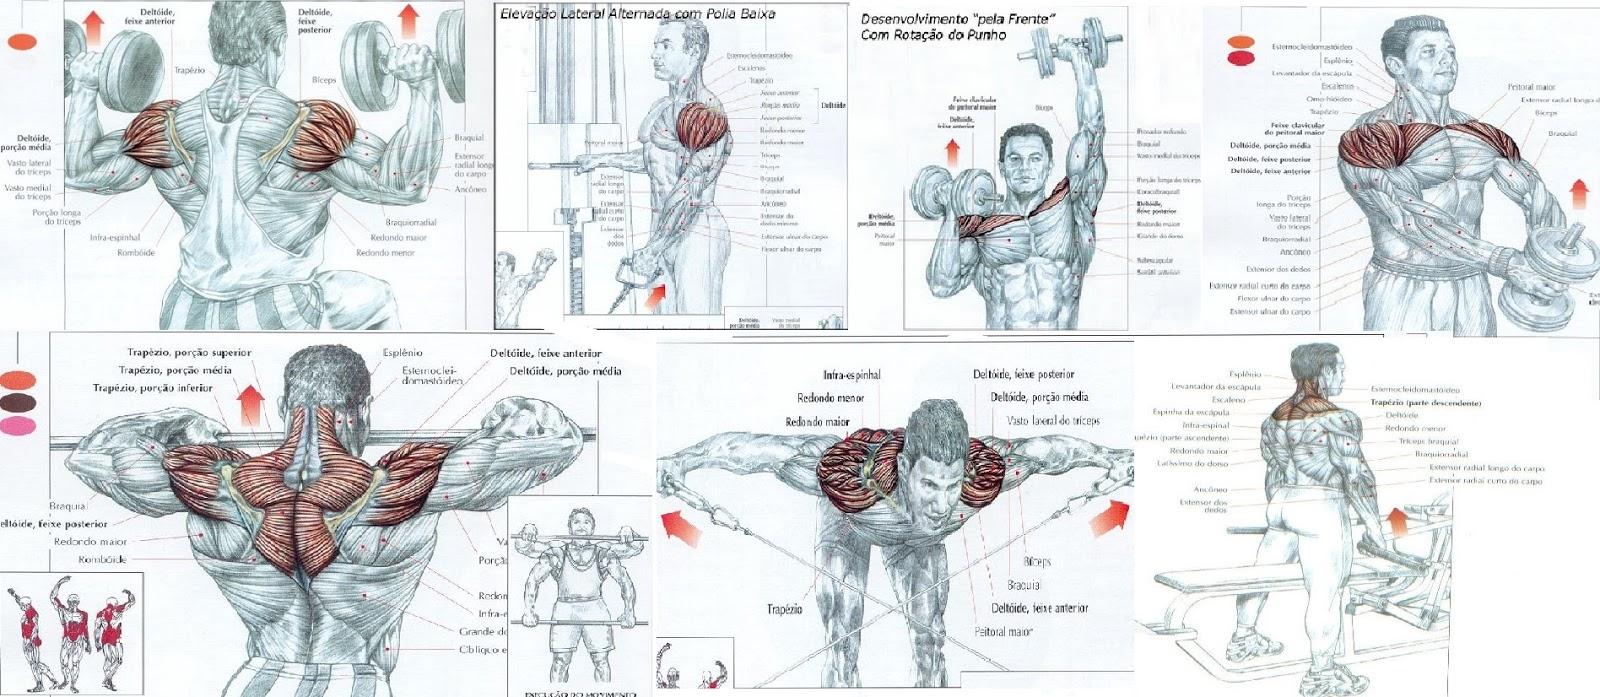 hipertrofia muscular por uso de esteroides